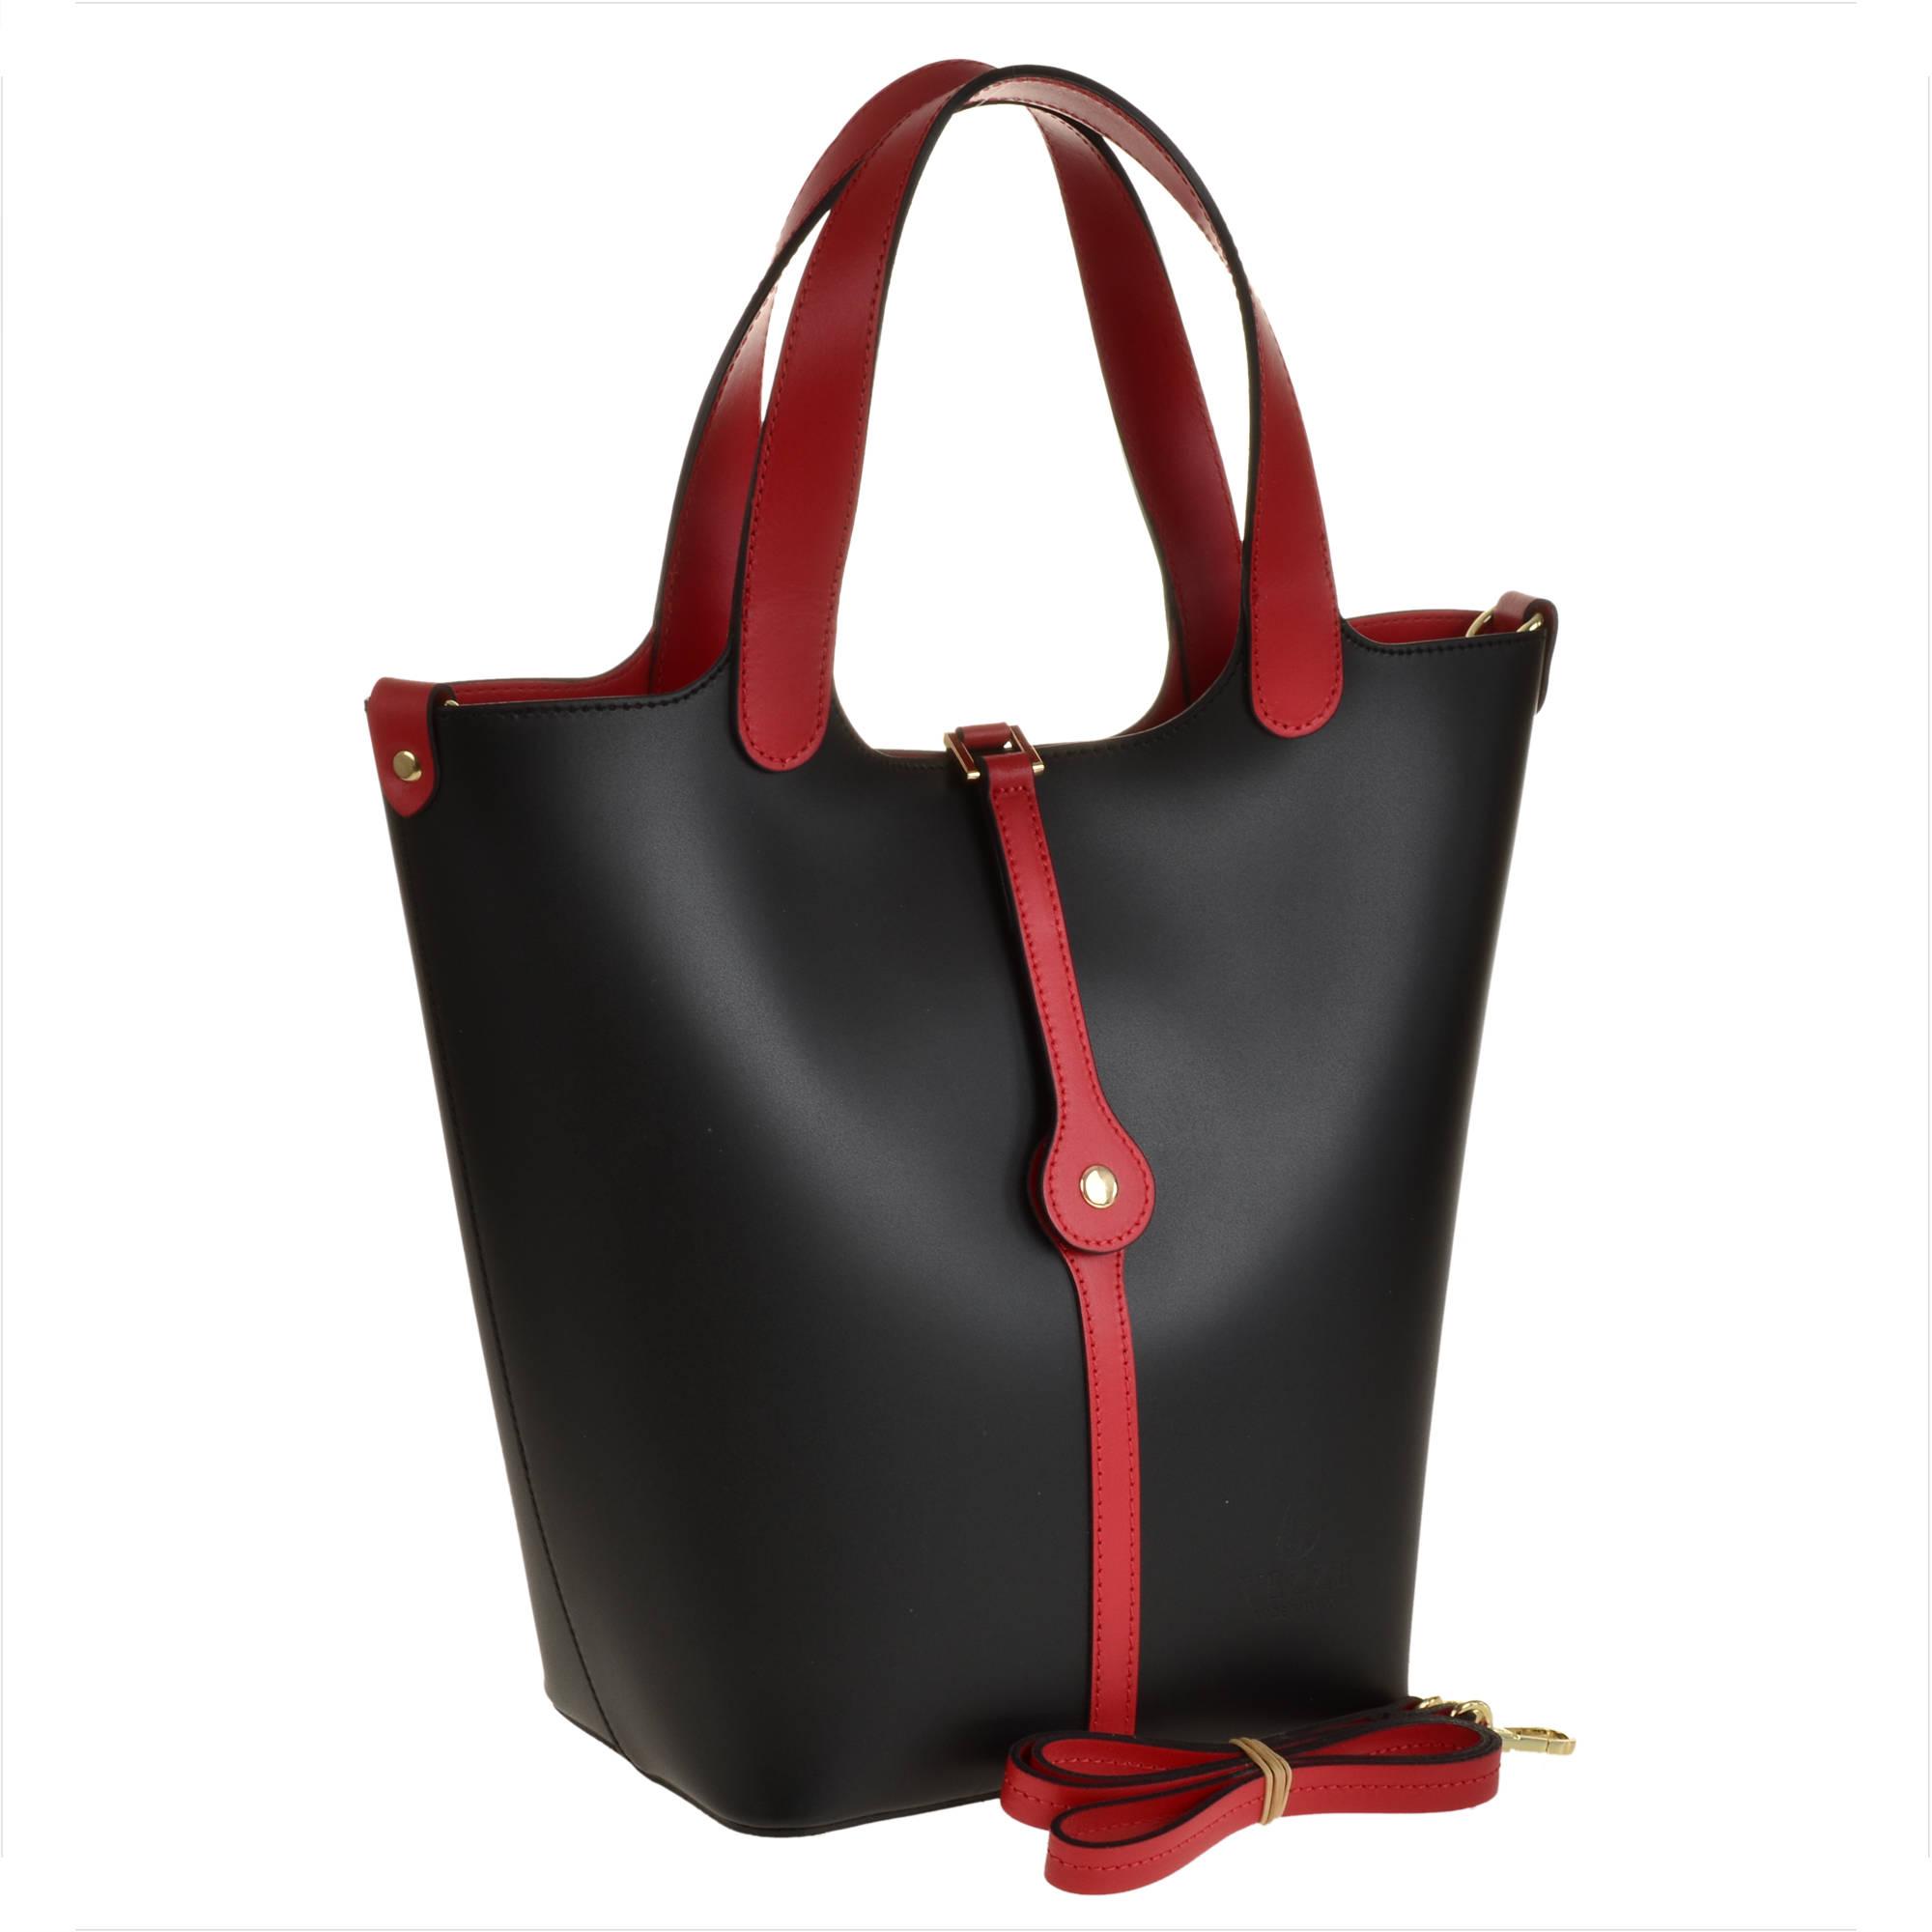 21a46eb81c72d Torebka damska shopper skórzana czarna z czerwonym - 7198661235 ...